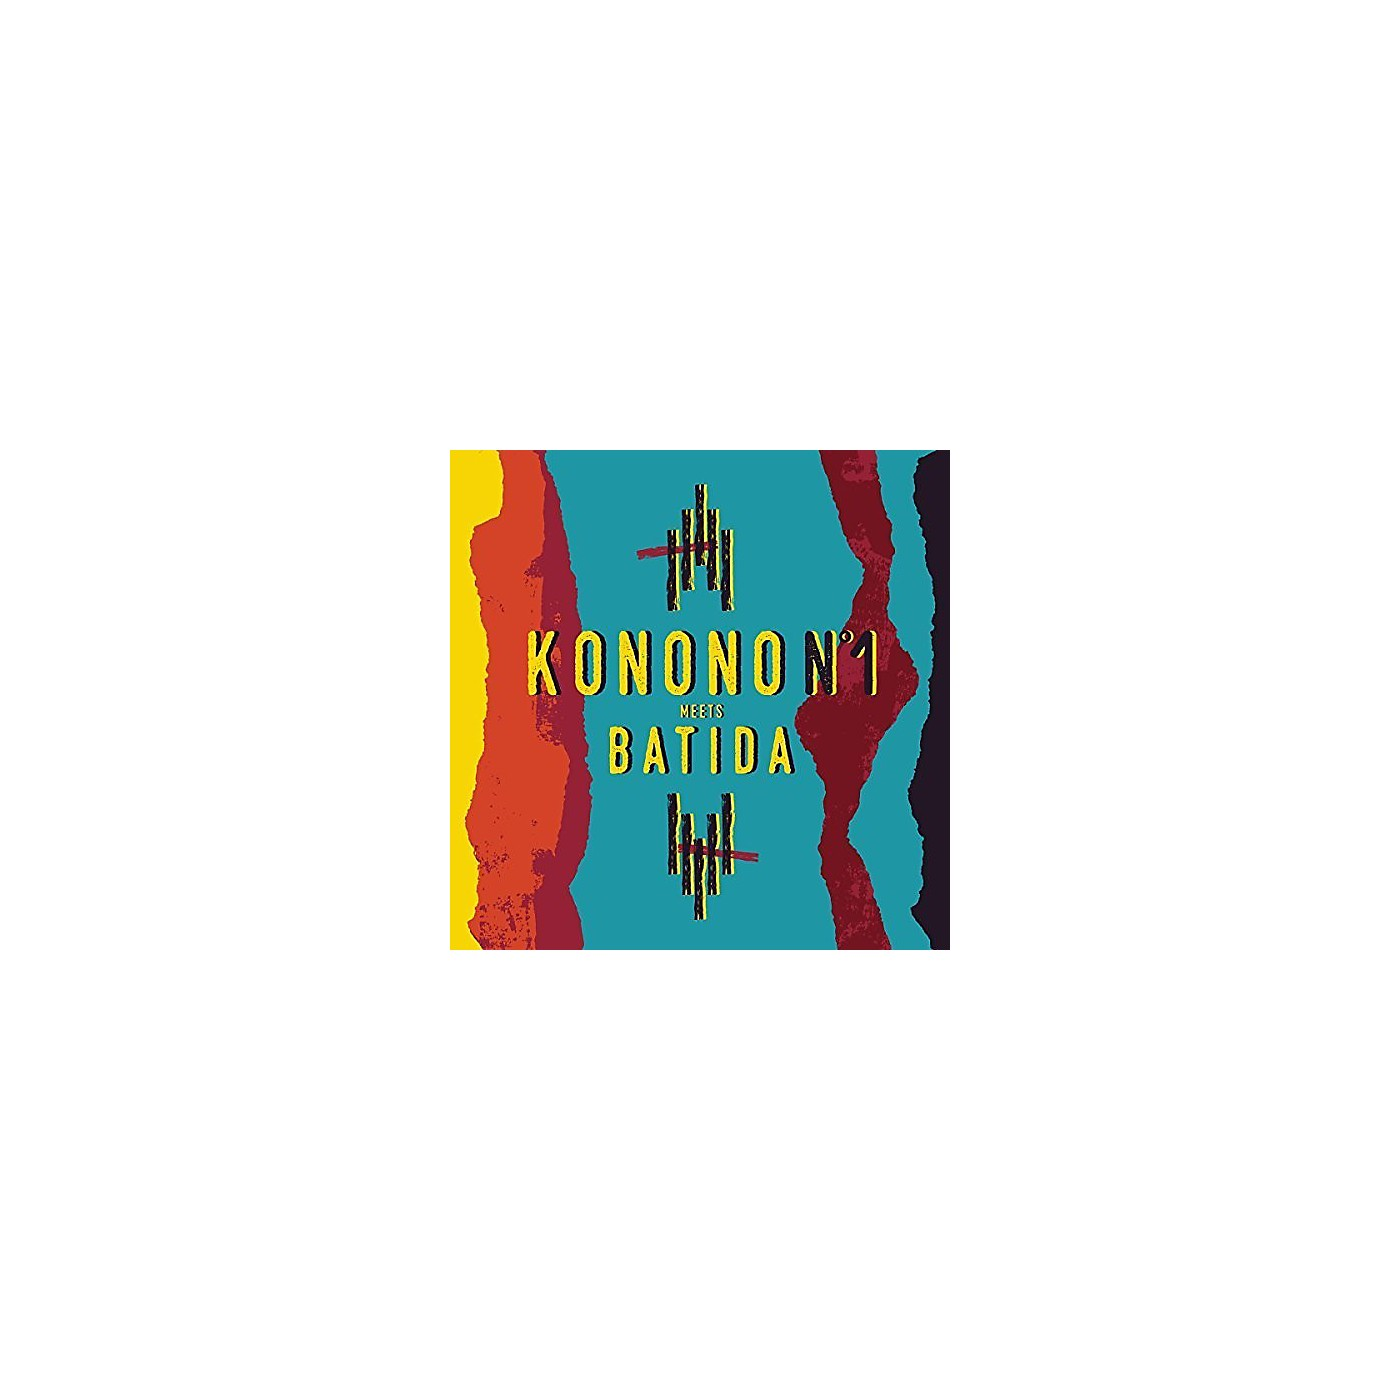 Alliance Konono No 1 - Konono No 1 Meets Batida thumbnail